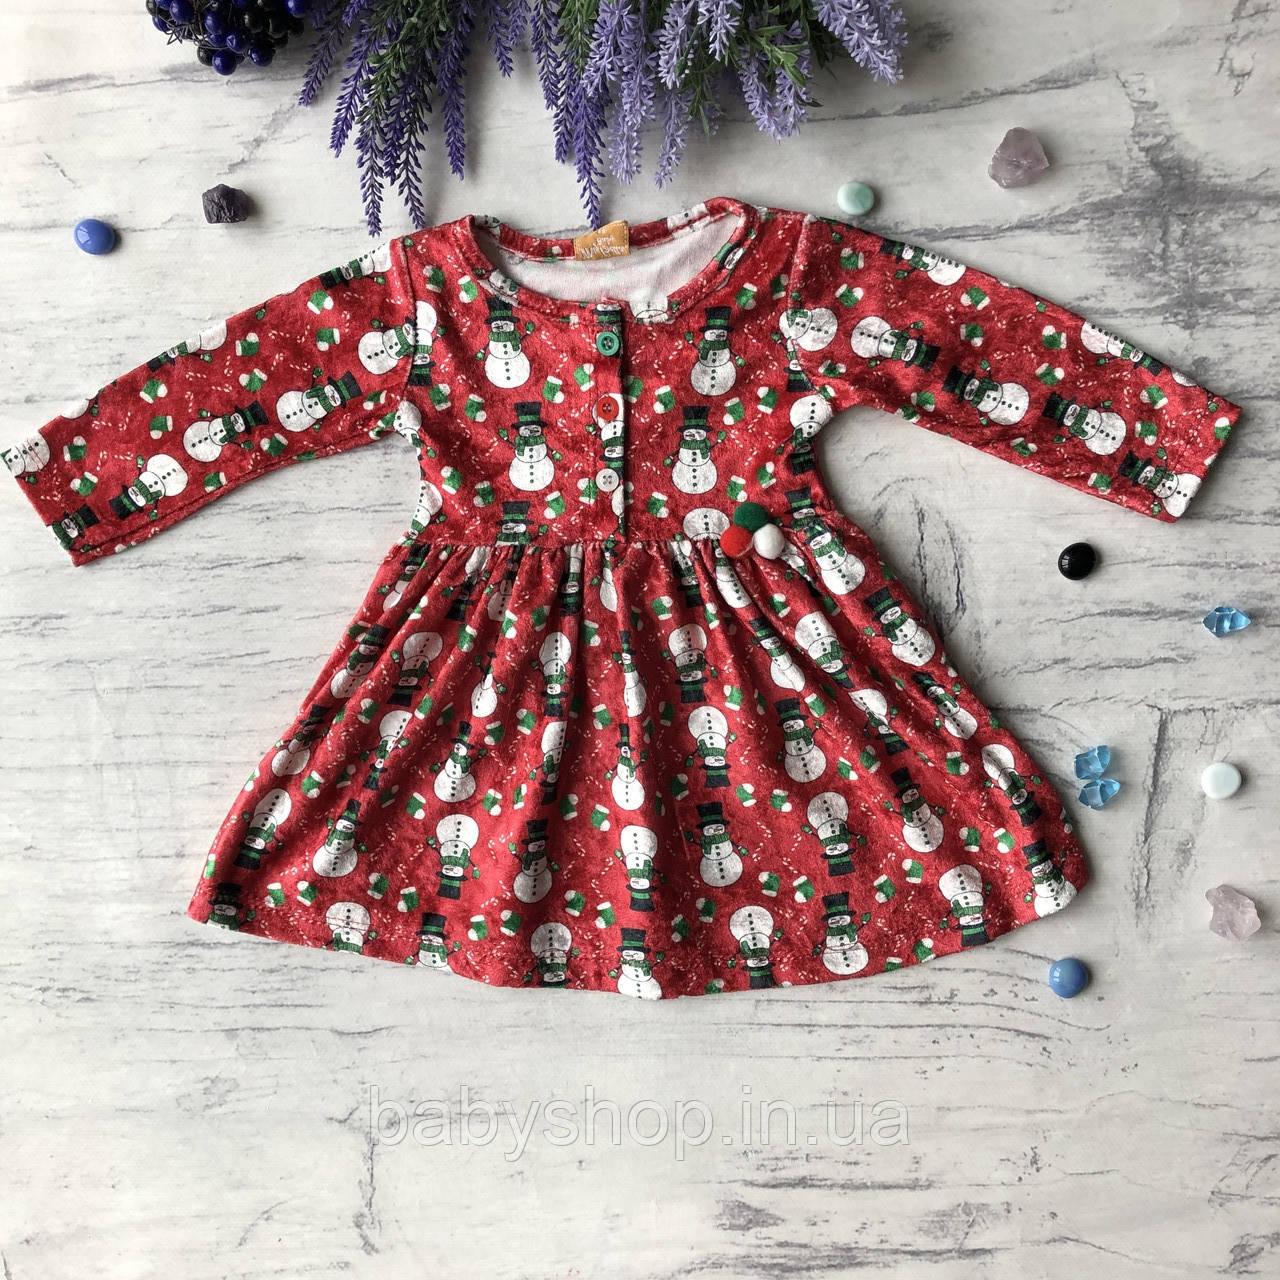 Новогоднее платье на девочку 4. Размер 68 см, 74 см,  86 см